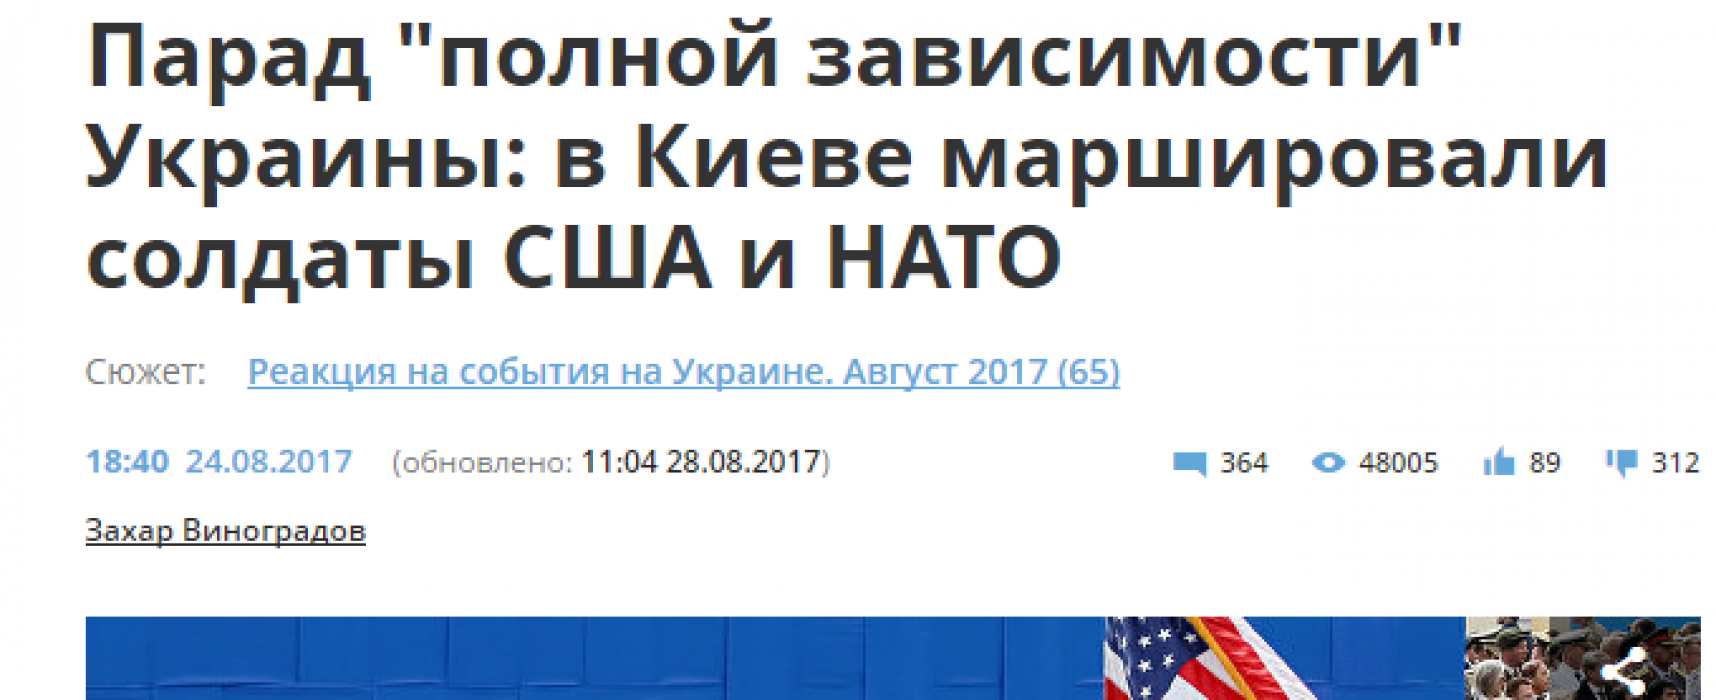 «Парад зависимости»: как российские СМИ отреагировали на участие стран НАТО в параде на День Независимости и приезд главы Пентагона в Киев